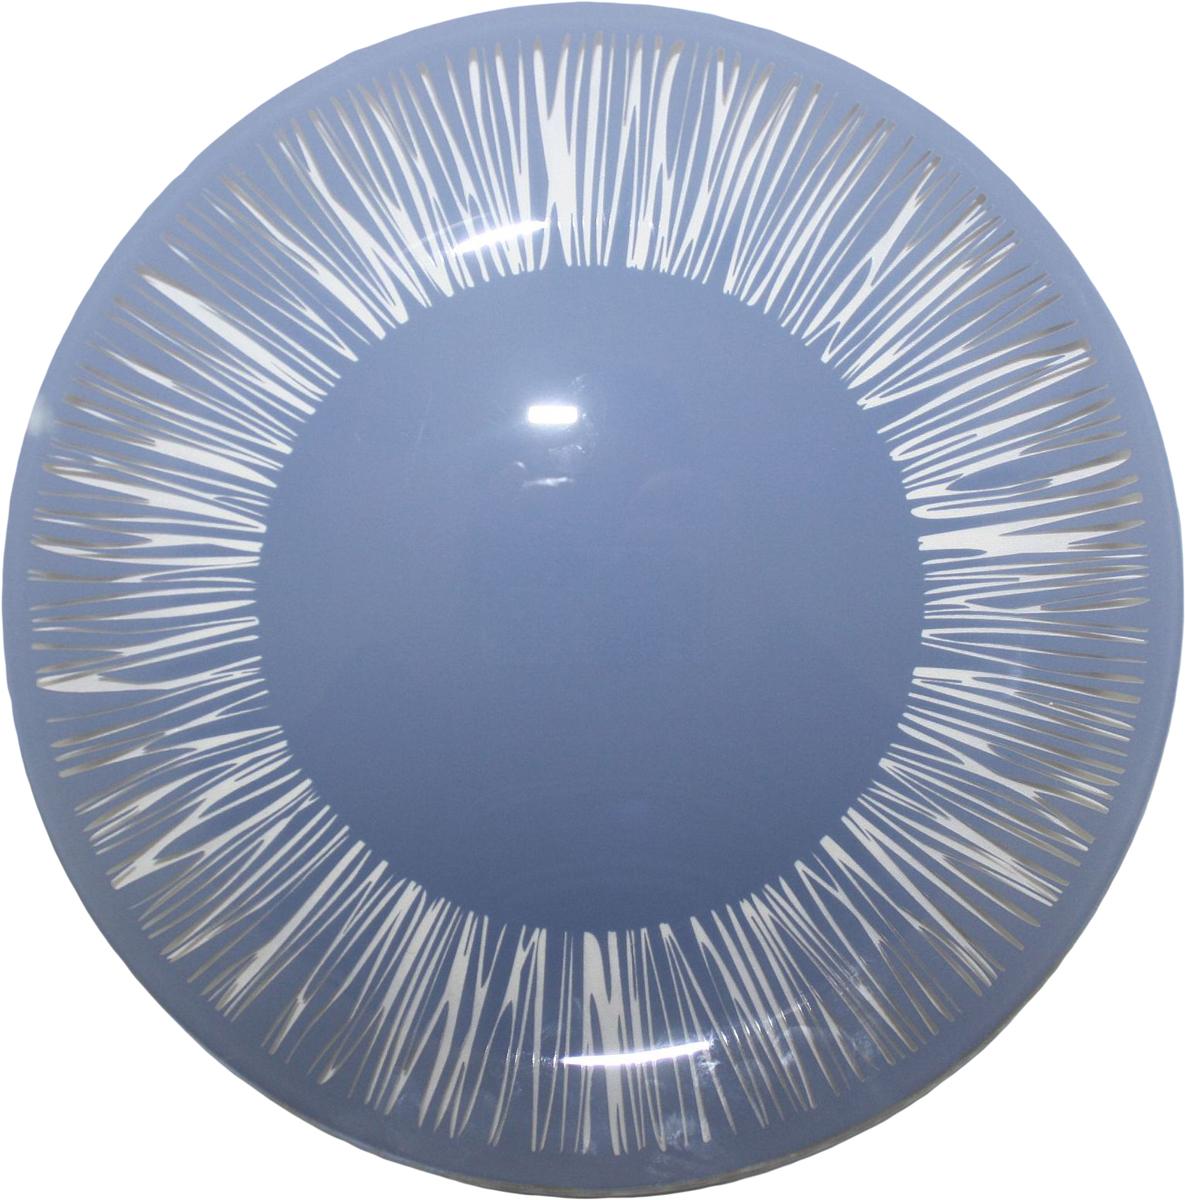 Тарелка NiNaGlass Витас, цвет: голубой, диаметр 30 см85-300-016псТарелка NiNaGlass Витас изготовлена из высококачественного стекла. Изделие декорировано оригинальным дизайном. Такая тарелка отлично подойдет в качестве блюда, она идеальна для сервировки закусок, нарезок, горячих блюд. Тарелка прекрасно дополнит сервировку стола и порадует вас оригинальным дизайном.